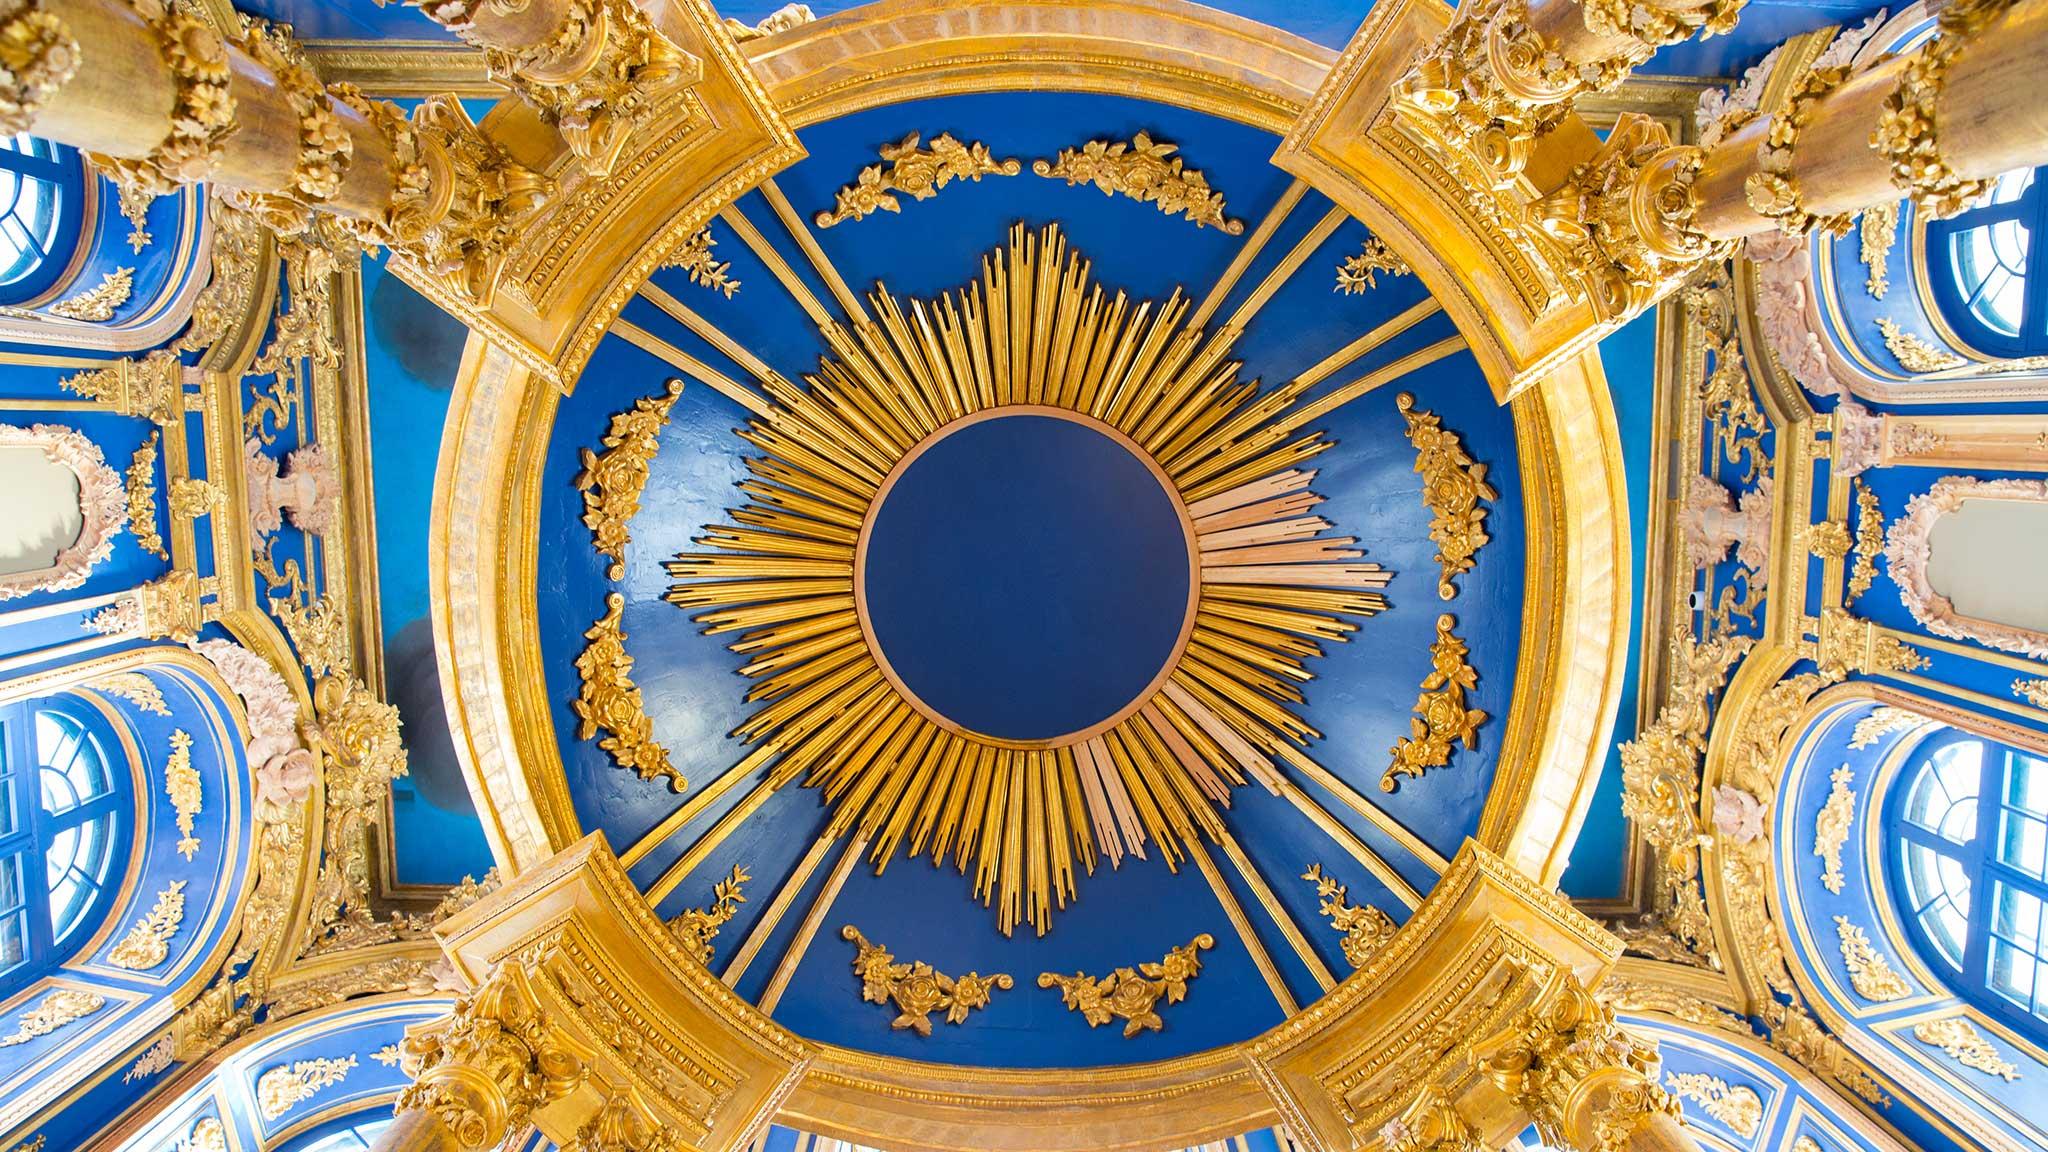 интерьер церкви воскресения христова в царском селе после реставрации